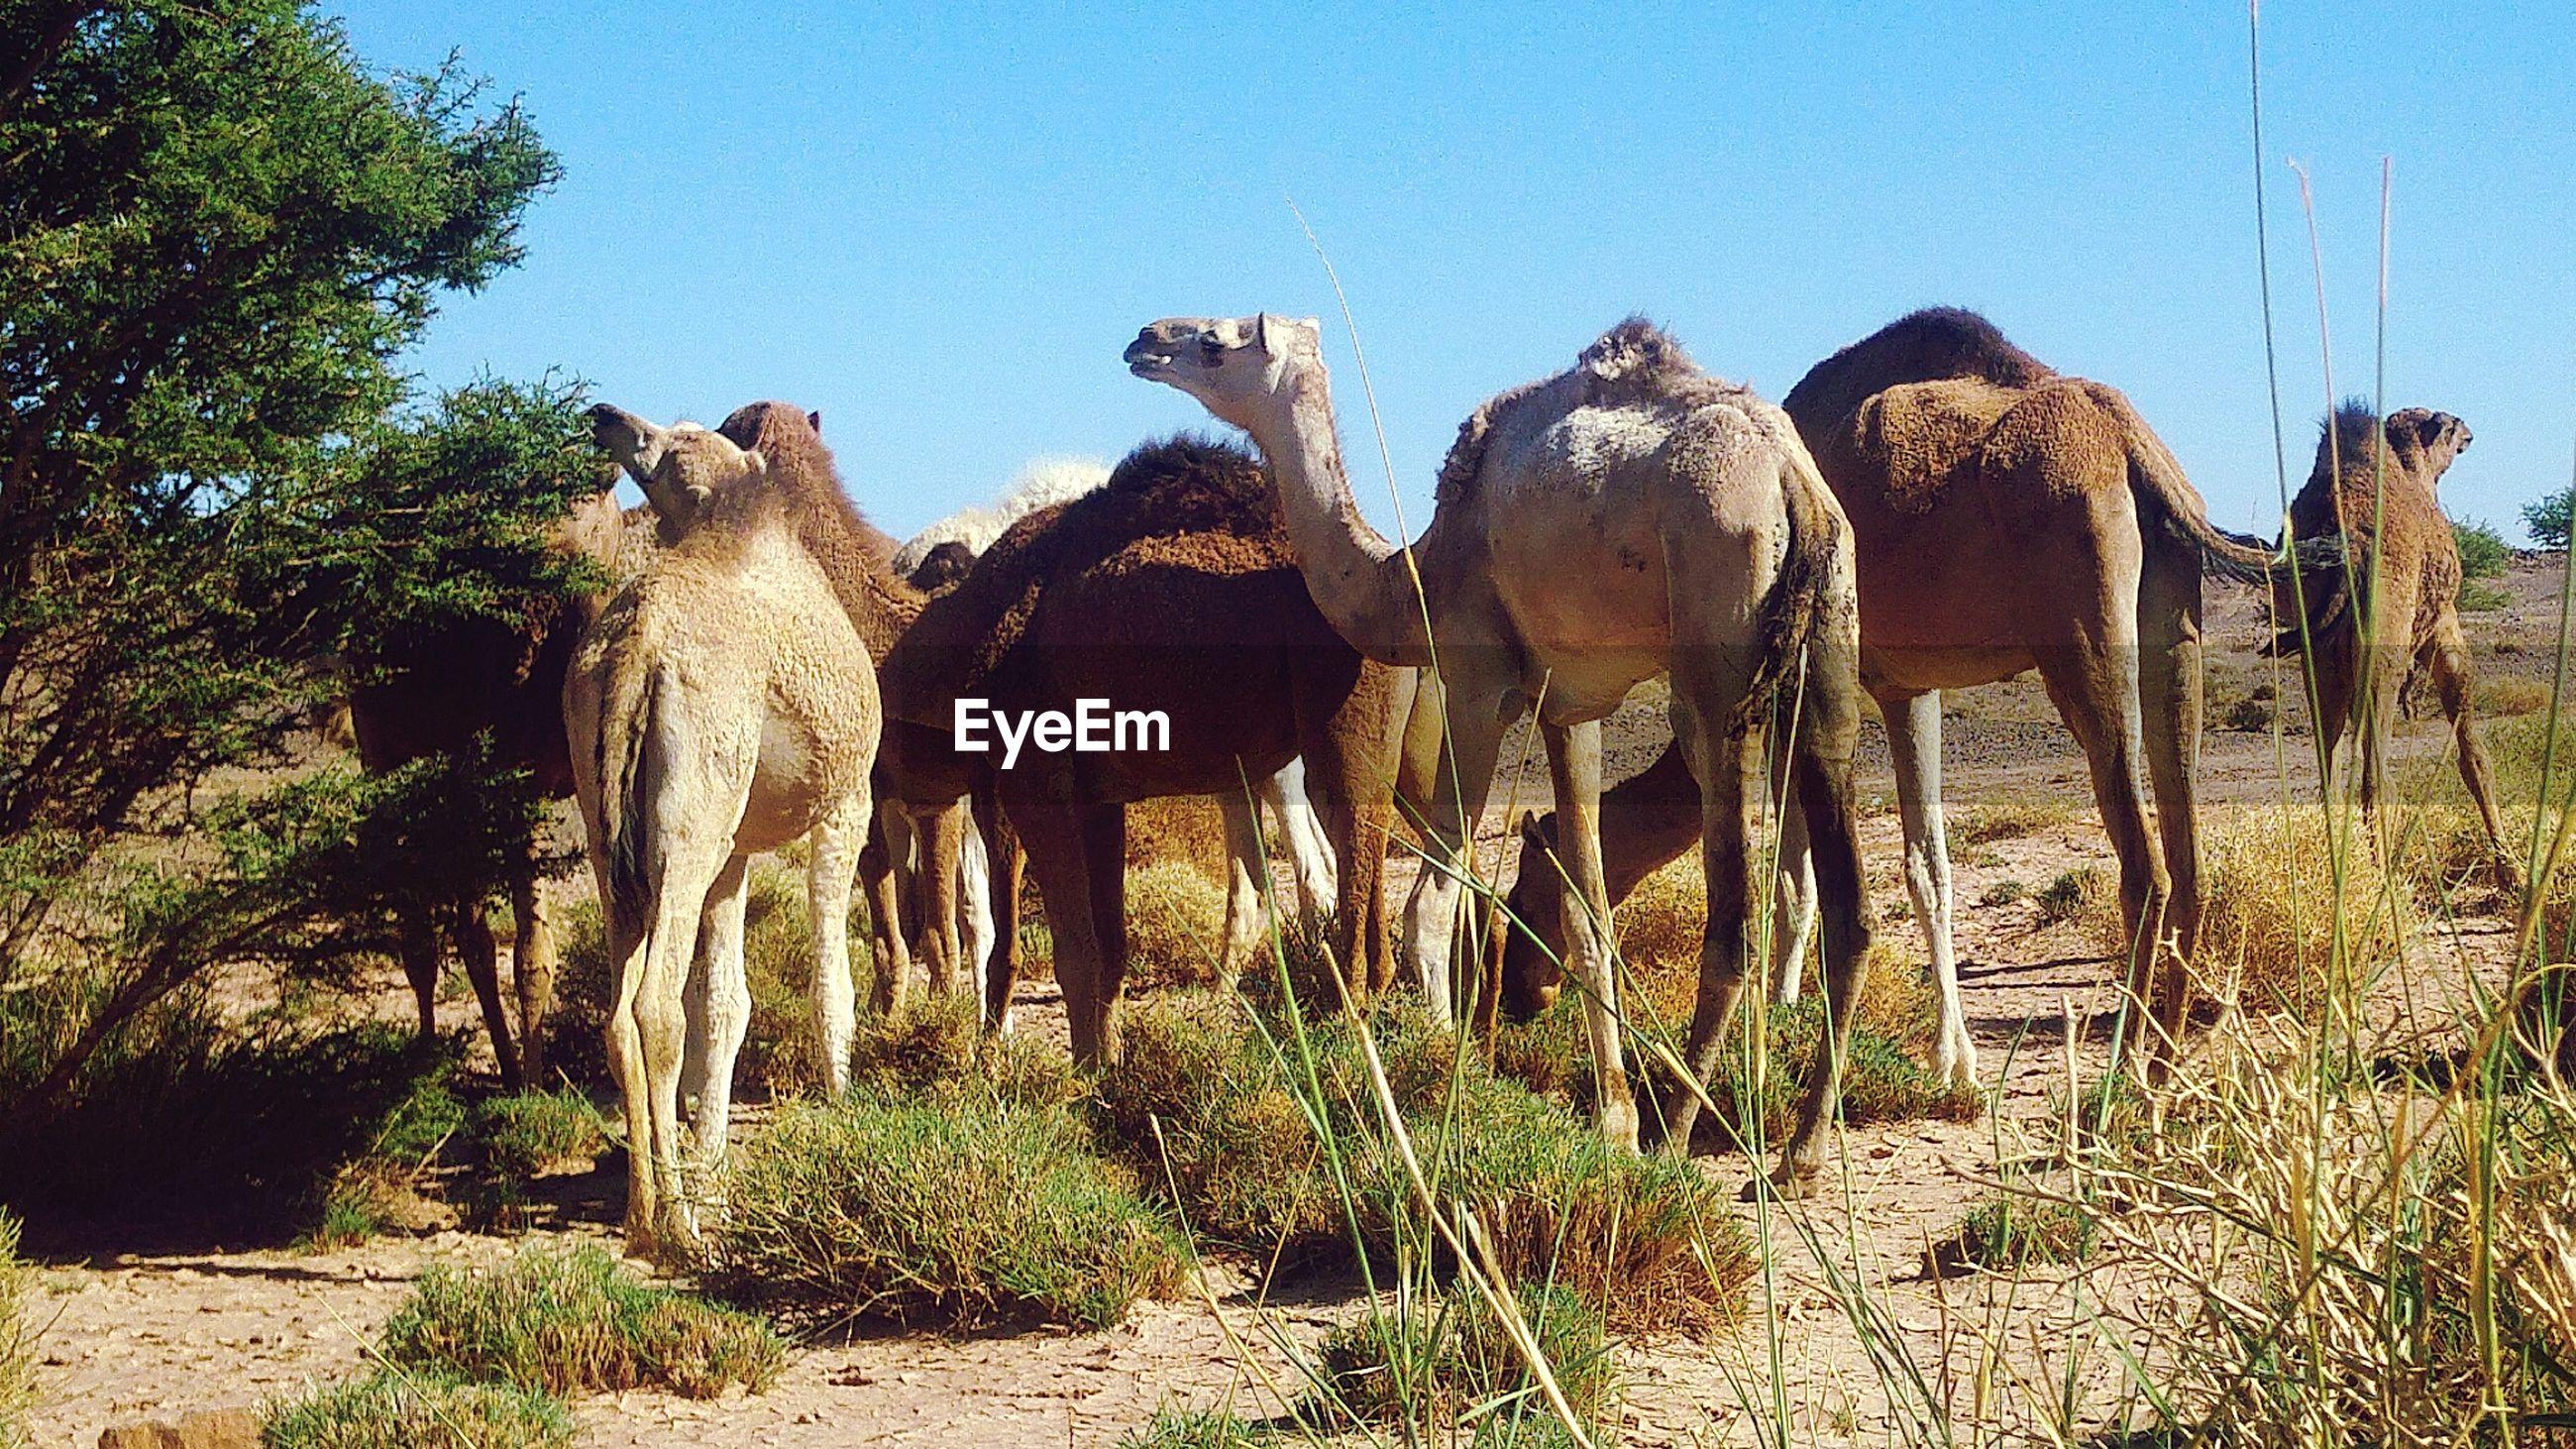 Breeding camel in the desert